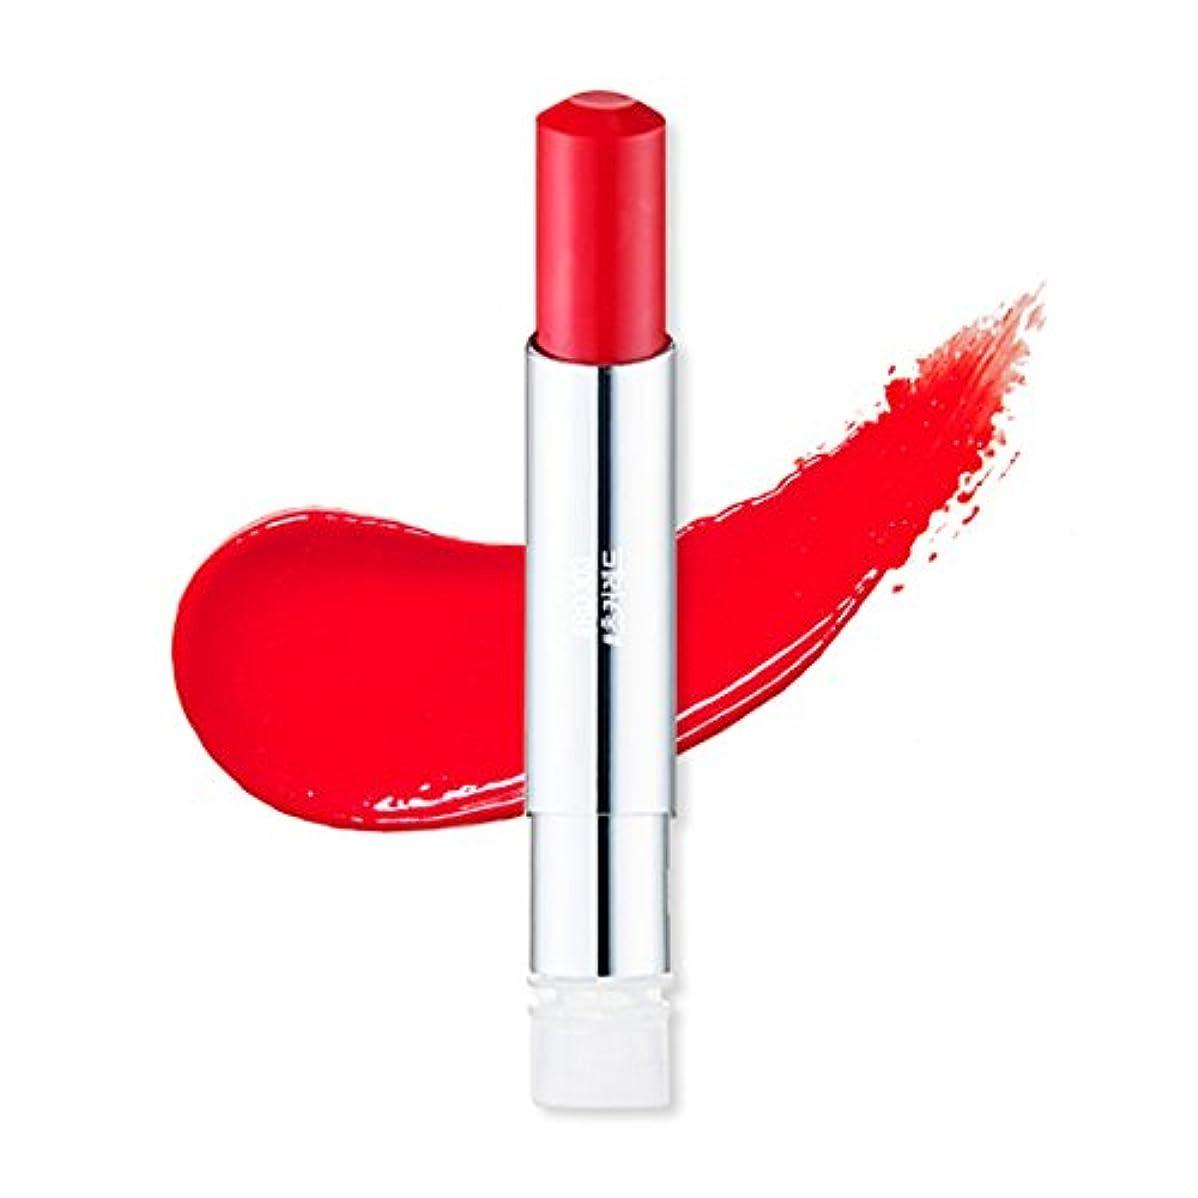 工場オーバーヘッドトランジスタEtude House Glass Tinting Lips Talk #RD303 エチュードハウスグラスチンチンリップトーク #RD303 [並行輸入品]